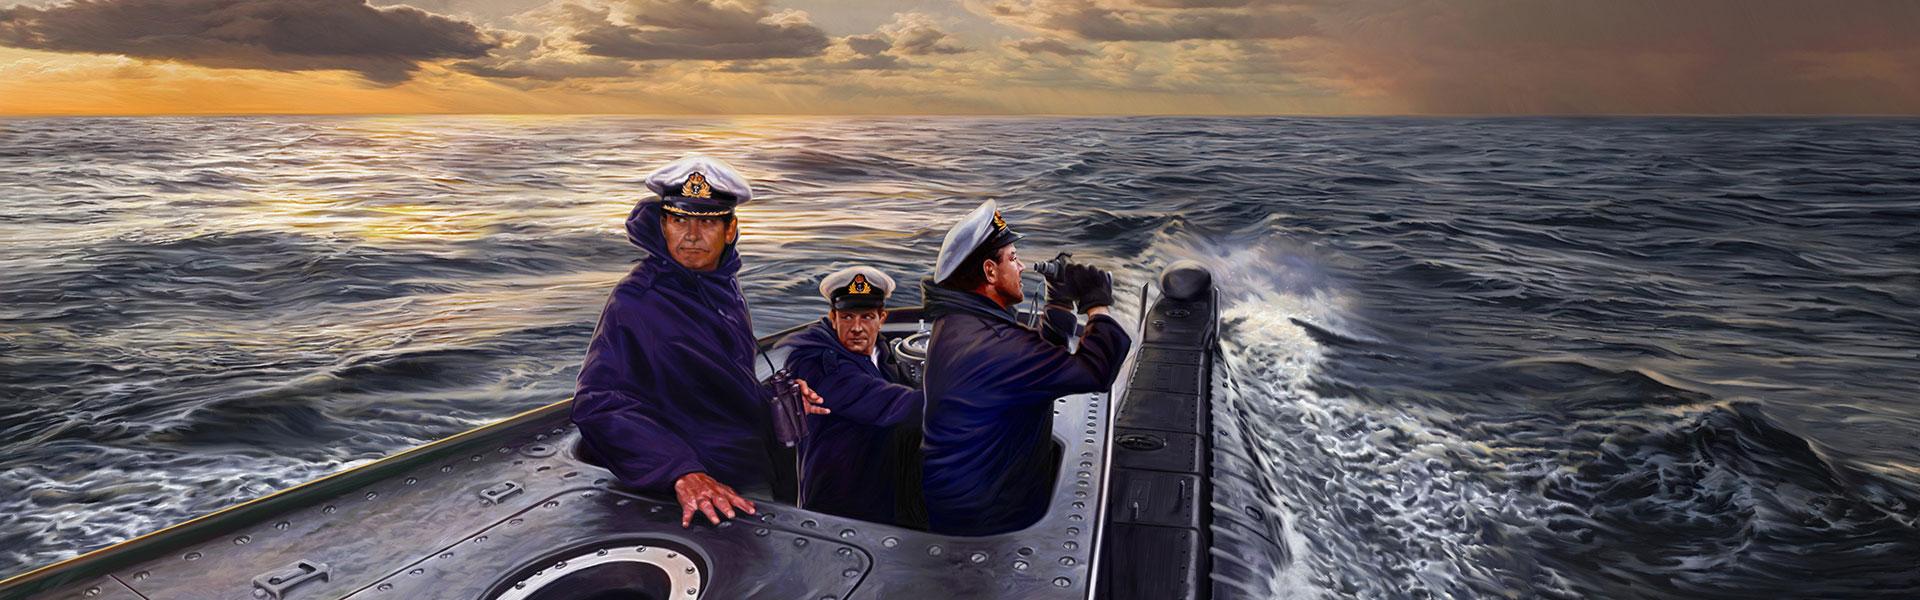 HMAS-OVENS-Oberon-class-slider